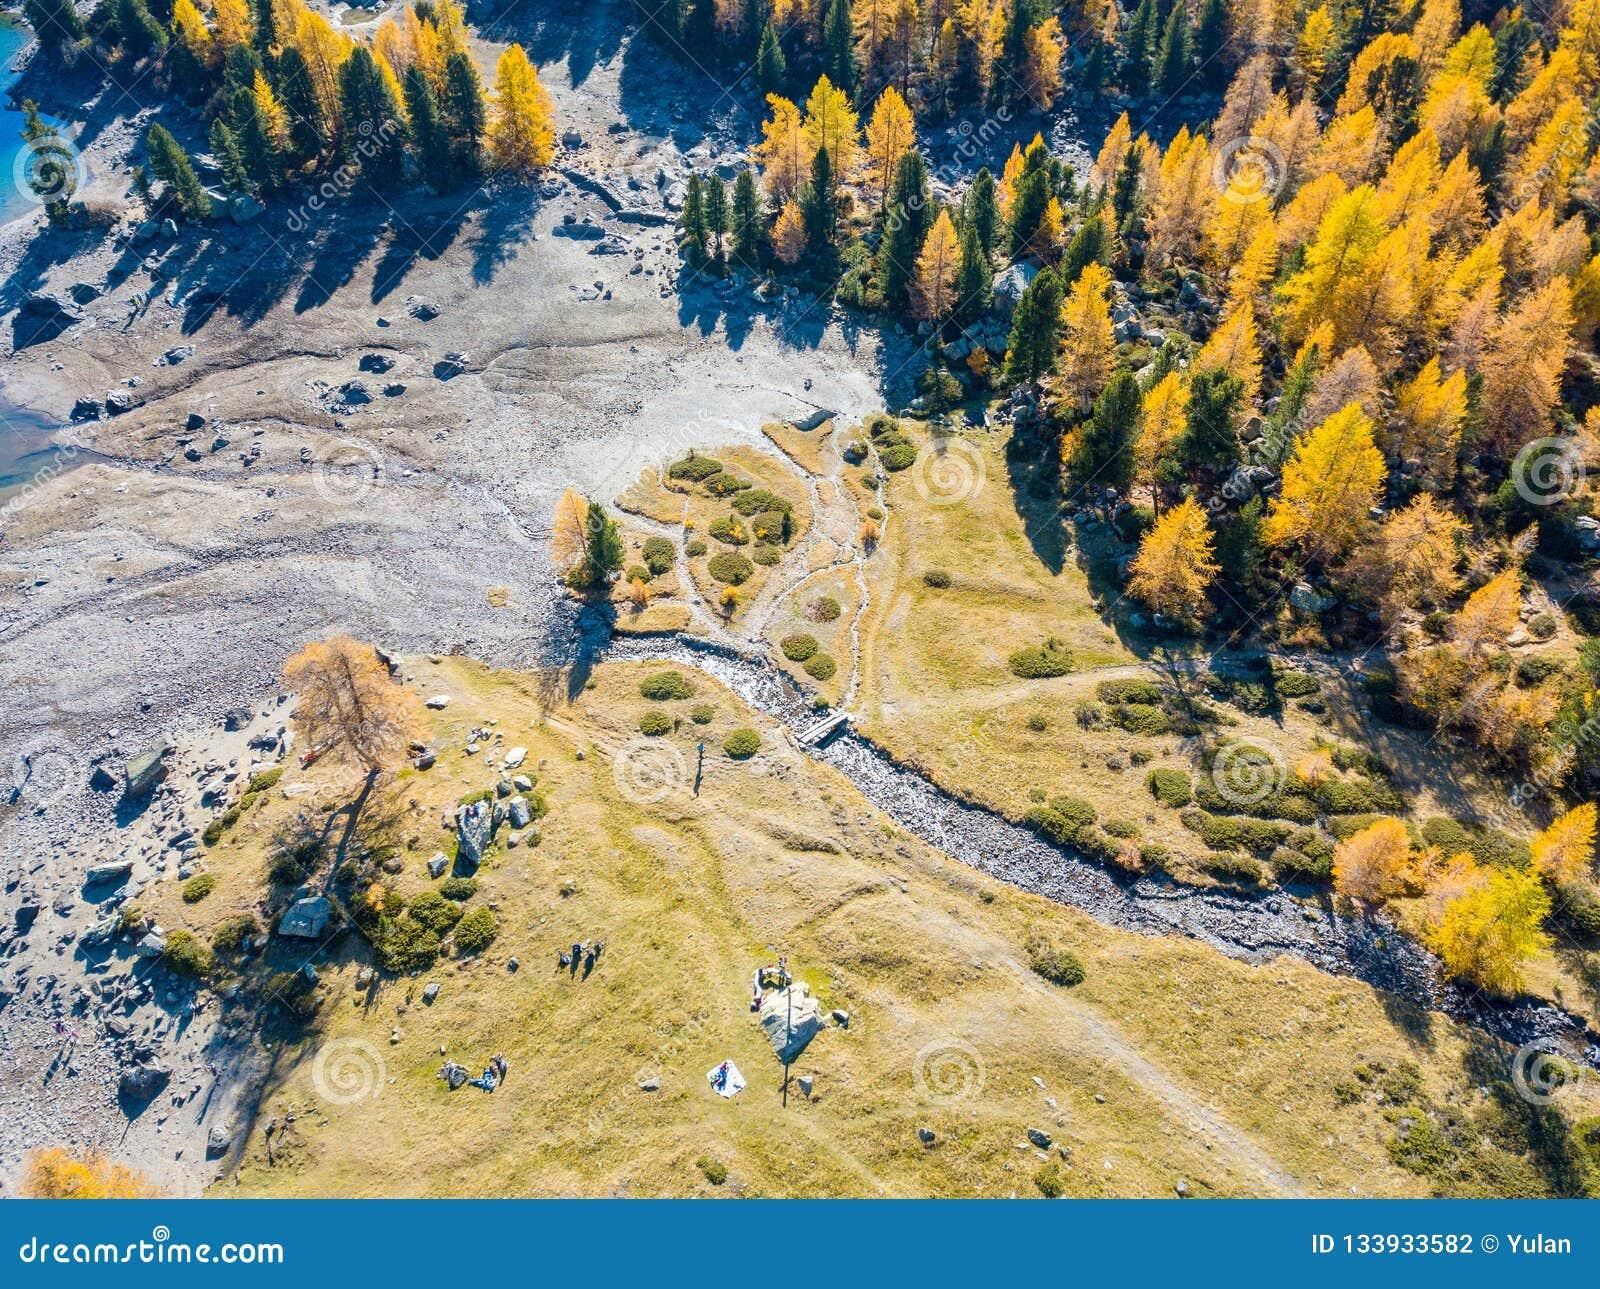 Las i bagna w złotym sezonie jesiennym w Lagh da Val altówce